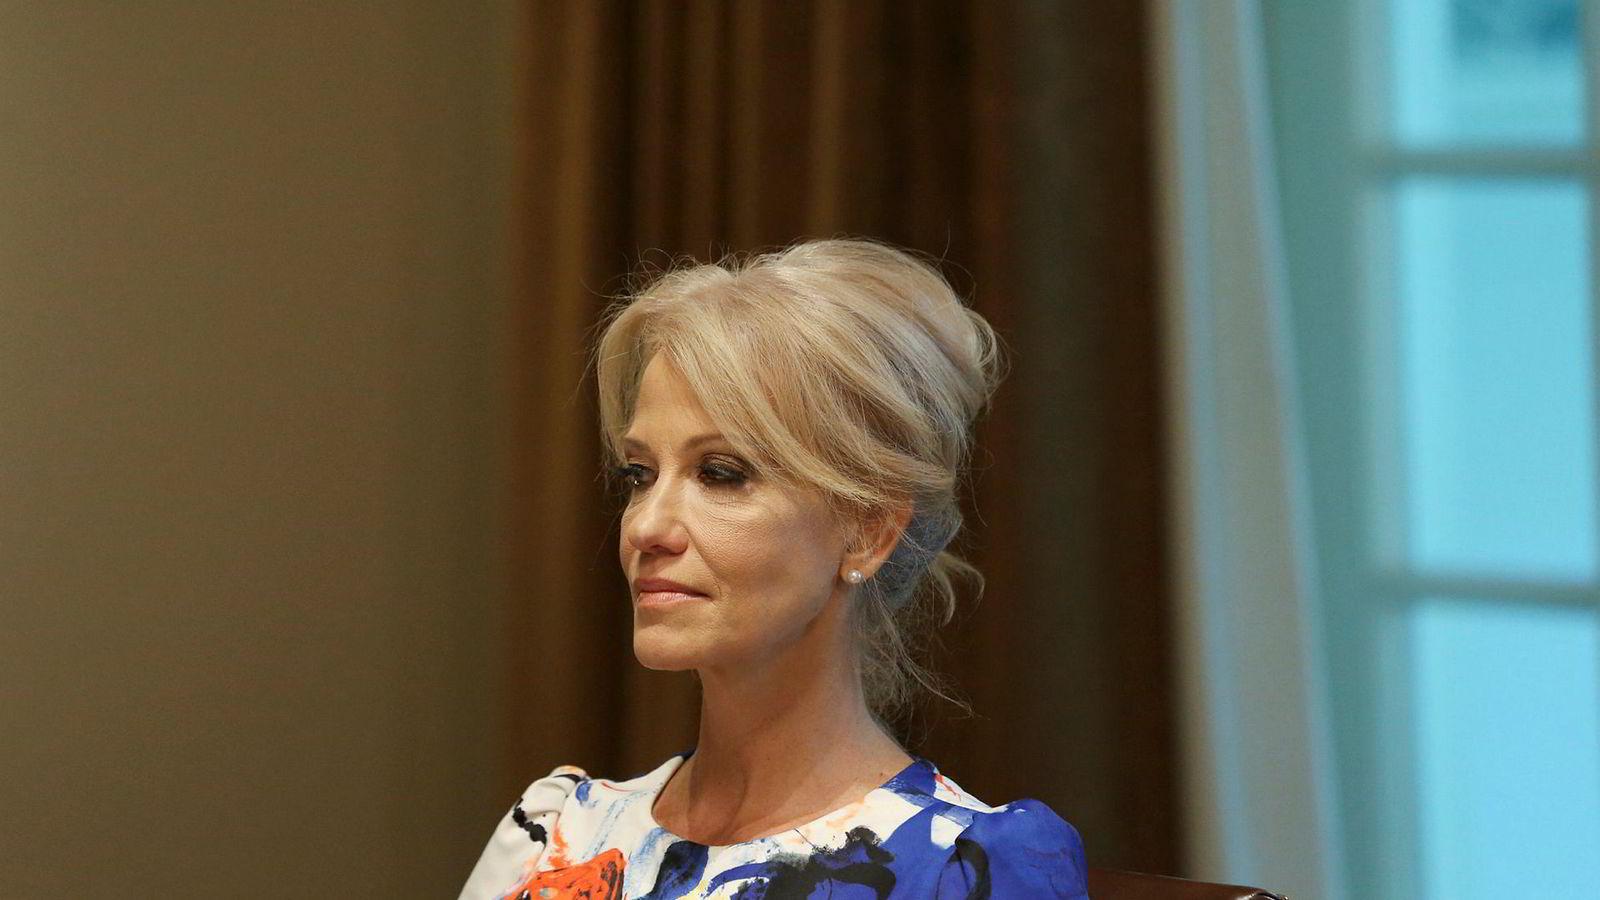 Et føderalt tilsynsorgan ber president Donald Trump om å gi Kellyanne Conway sparken som rådgiver.